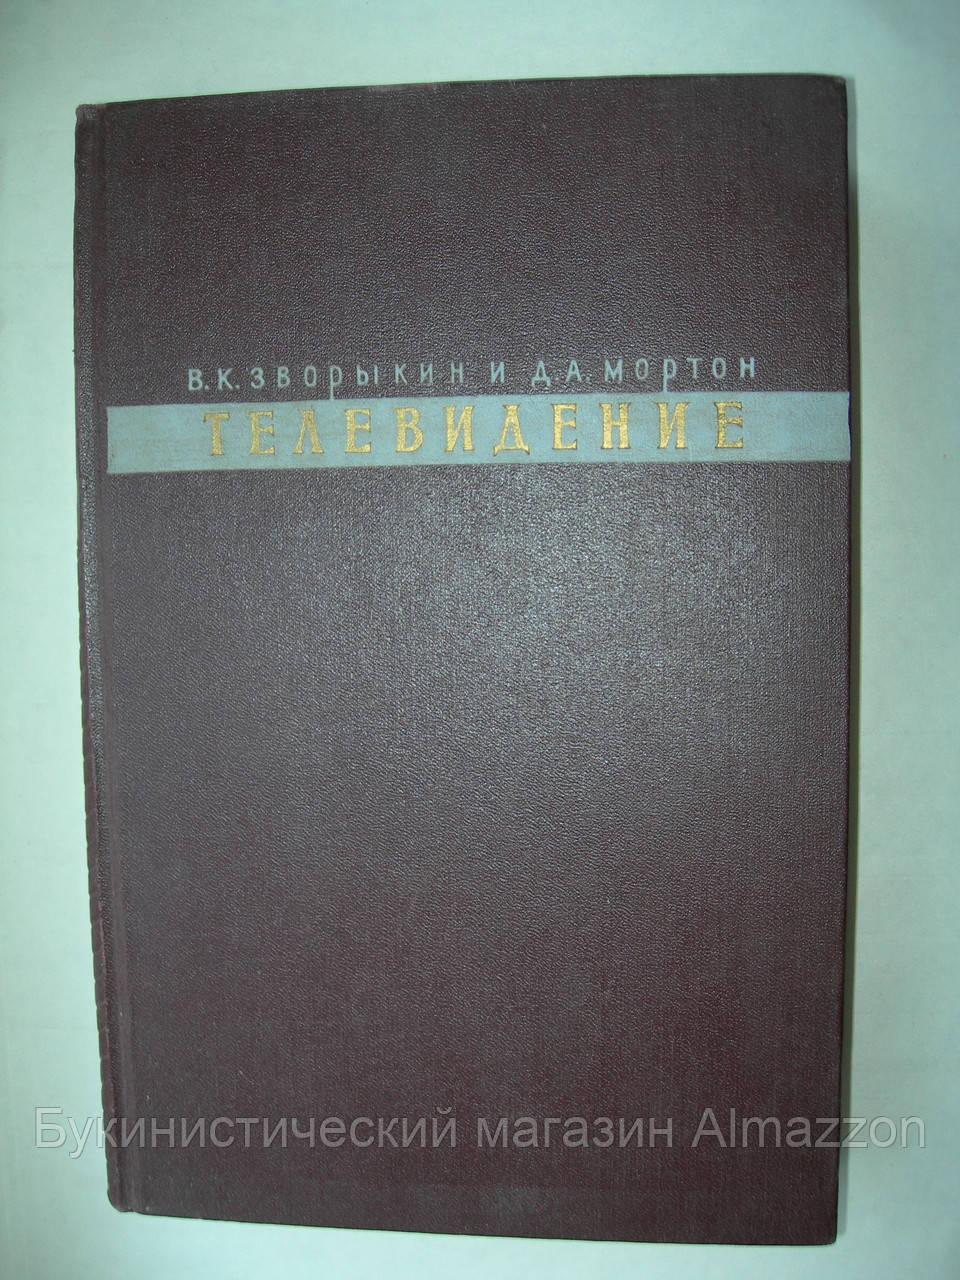 """Зворыкин В.К., Мортон Д.А. """"Телевидение"""". 1956 год"""